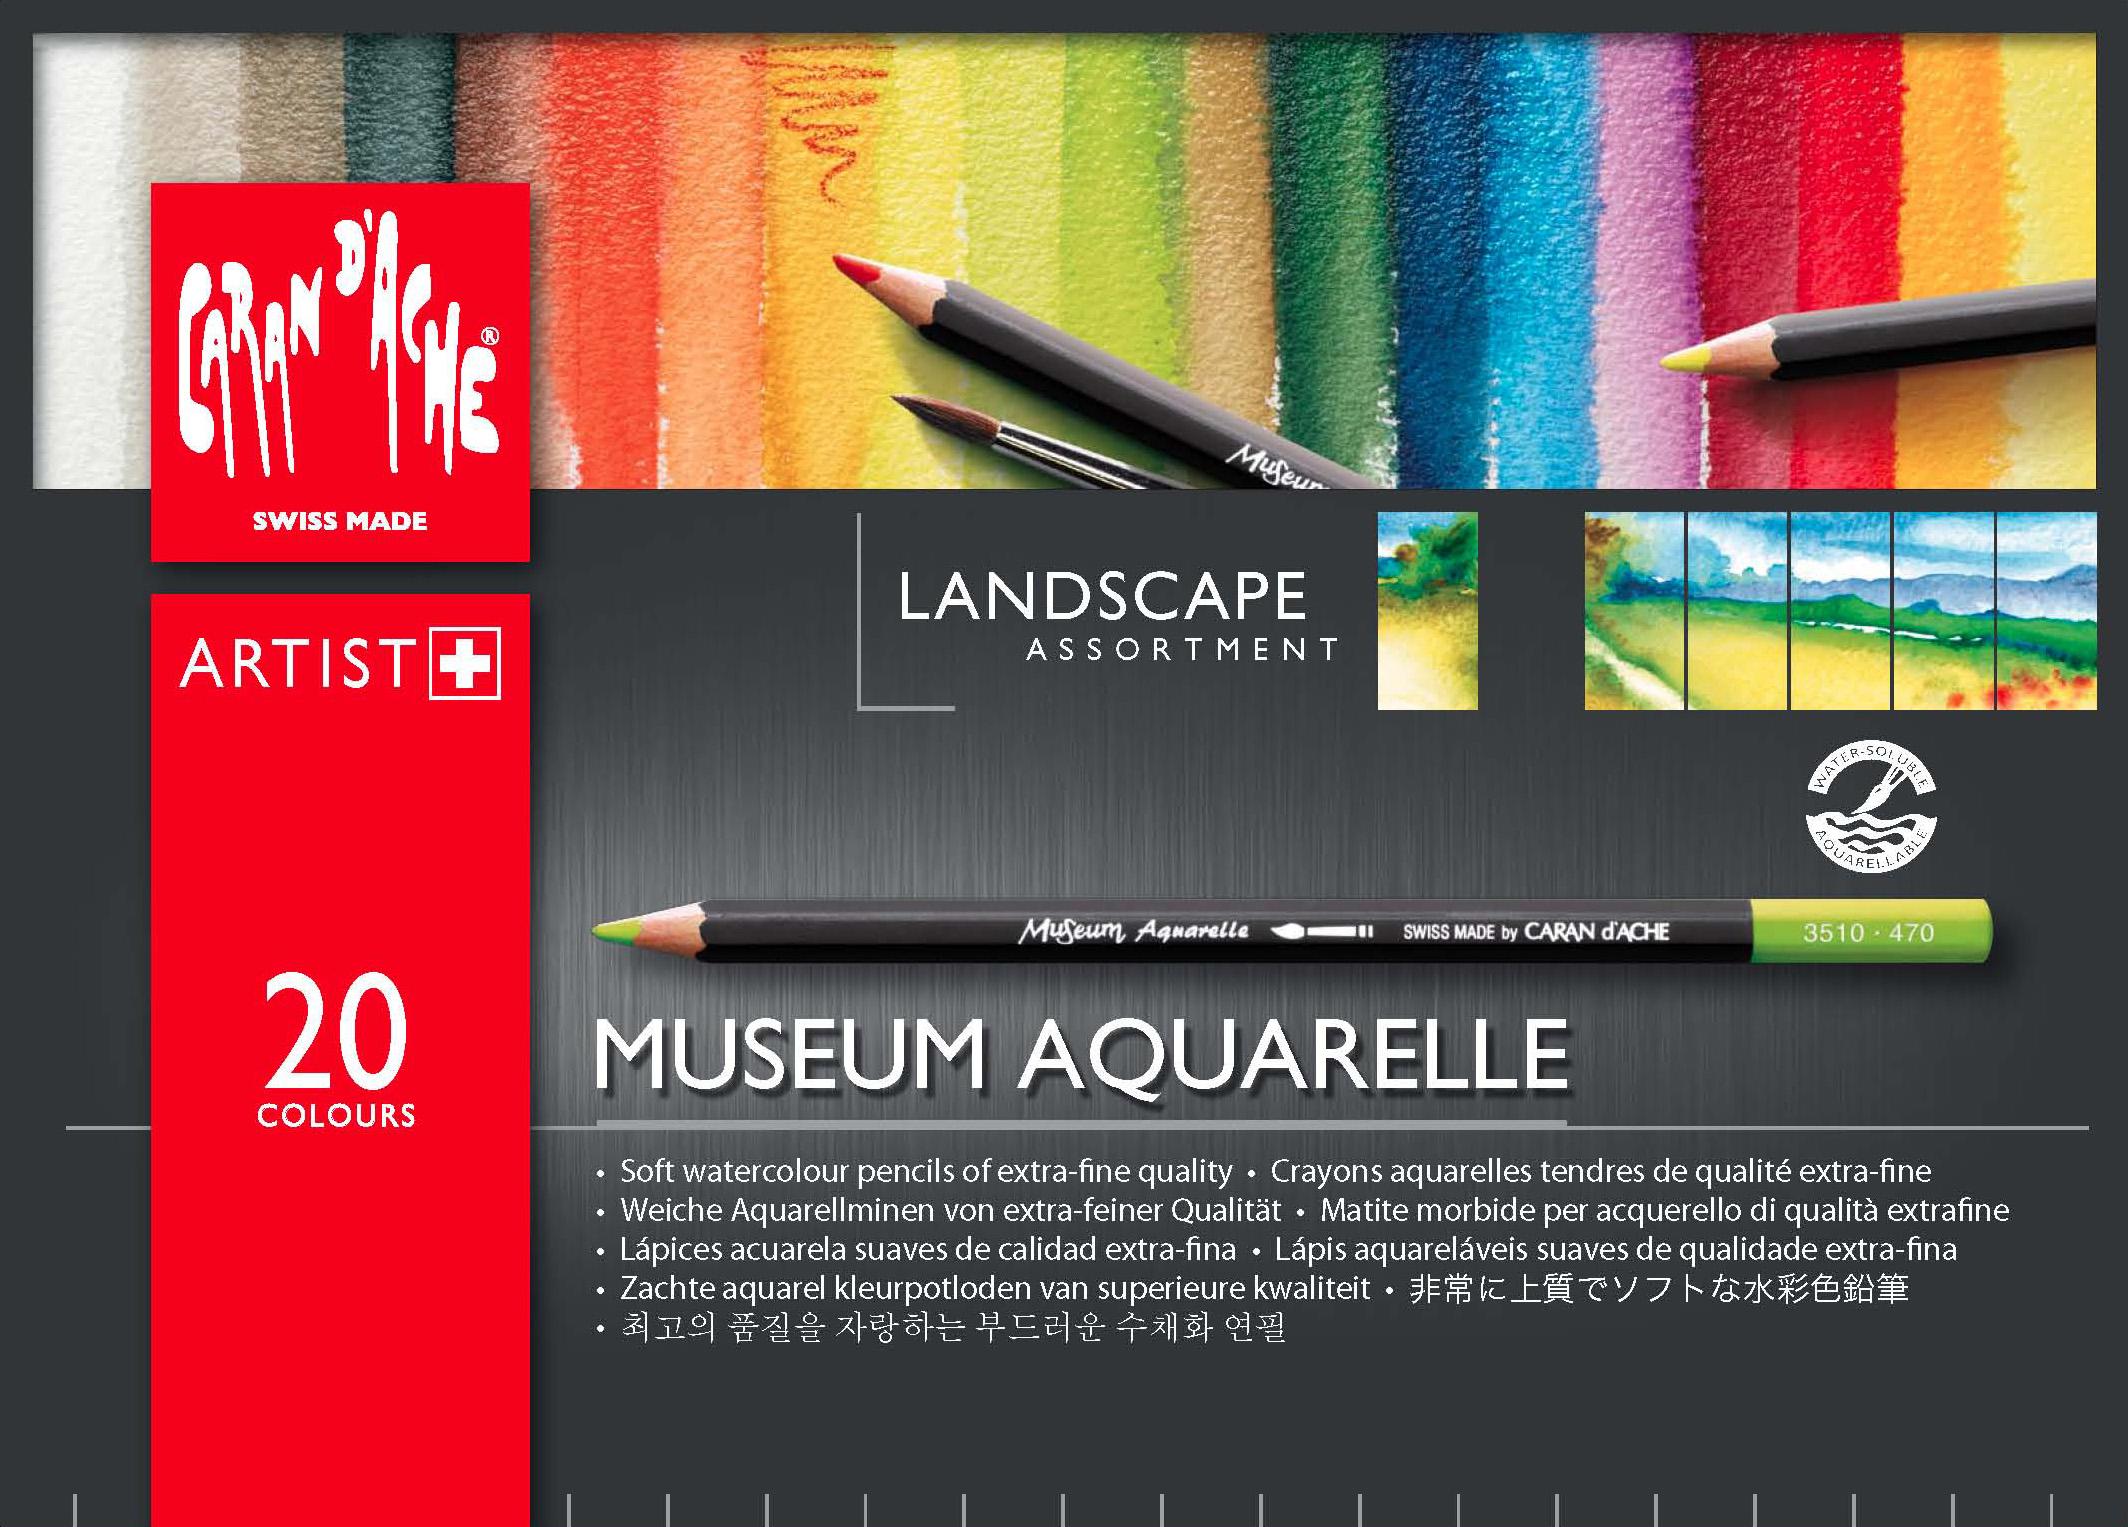 Caran D Ache Museum Aquarelle Landscape Assortment